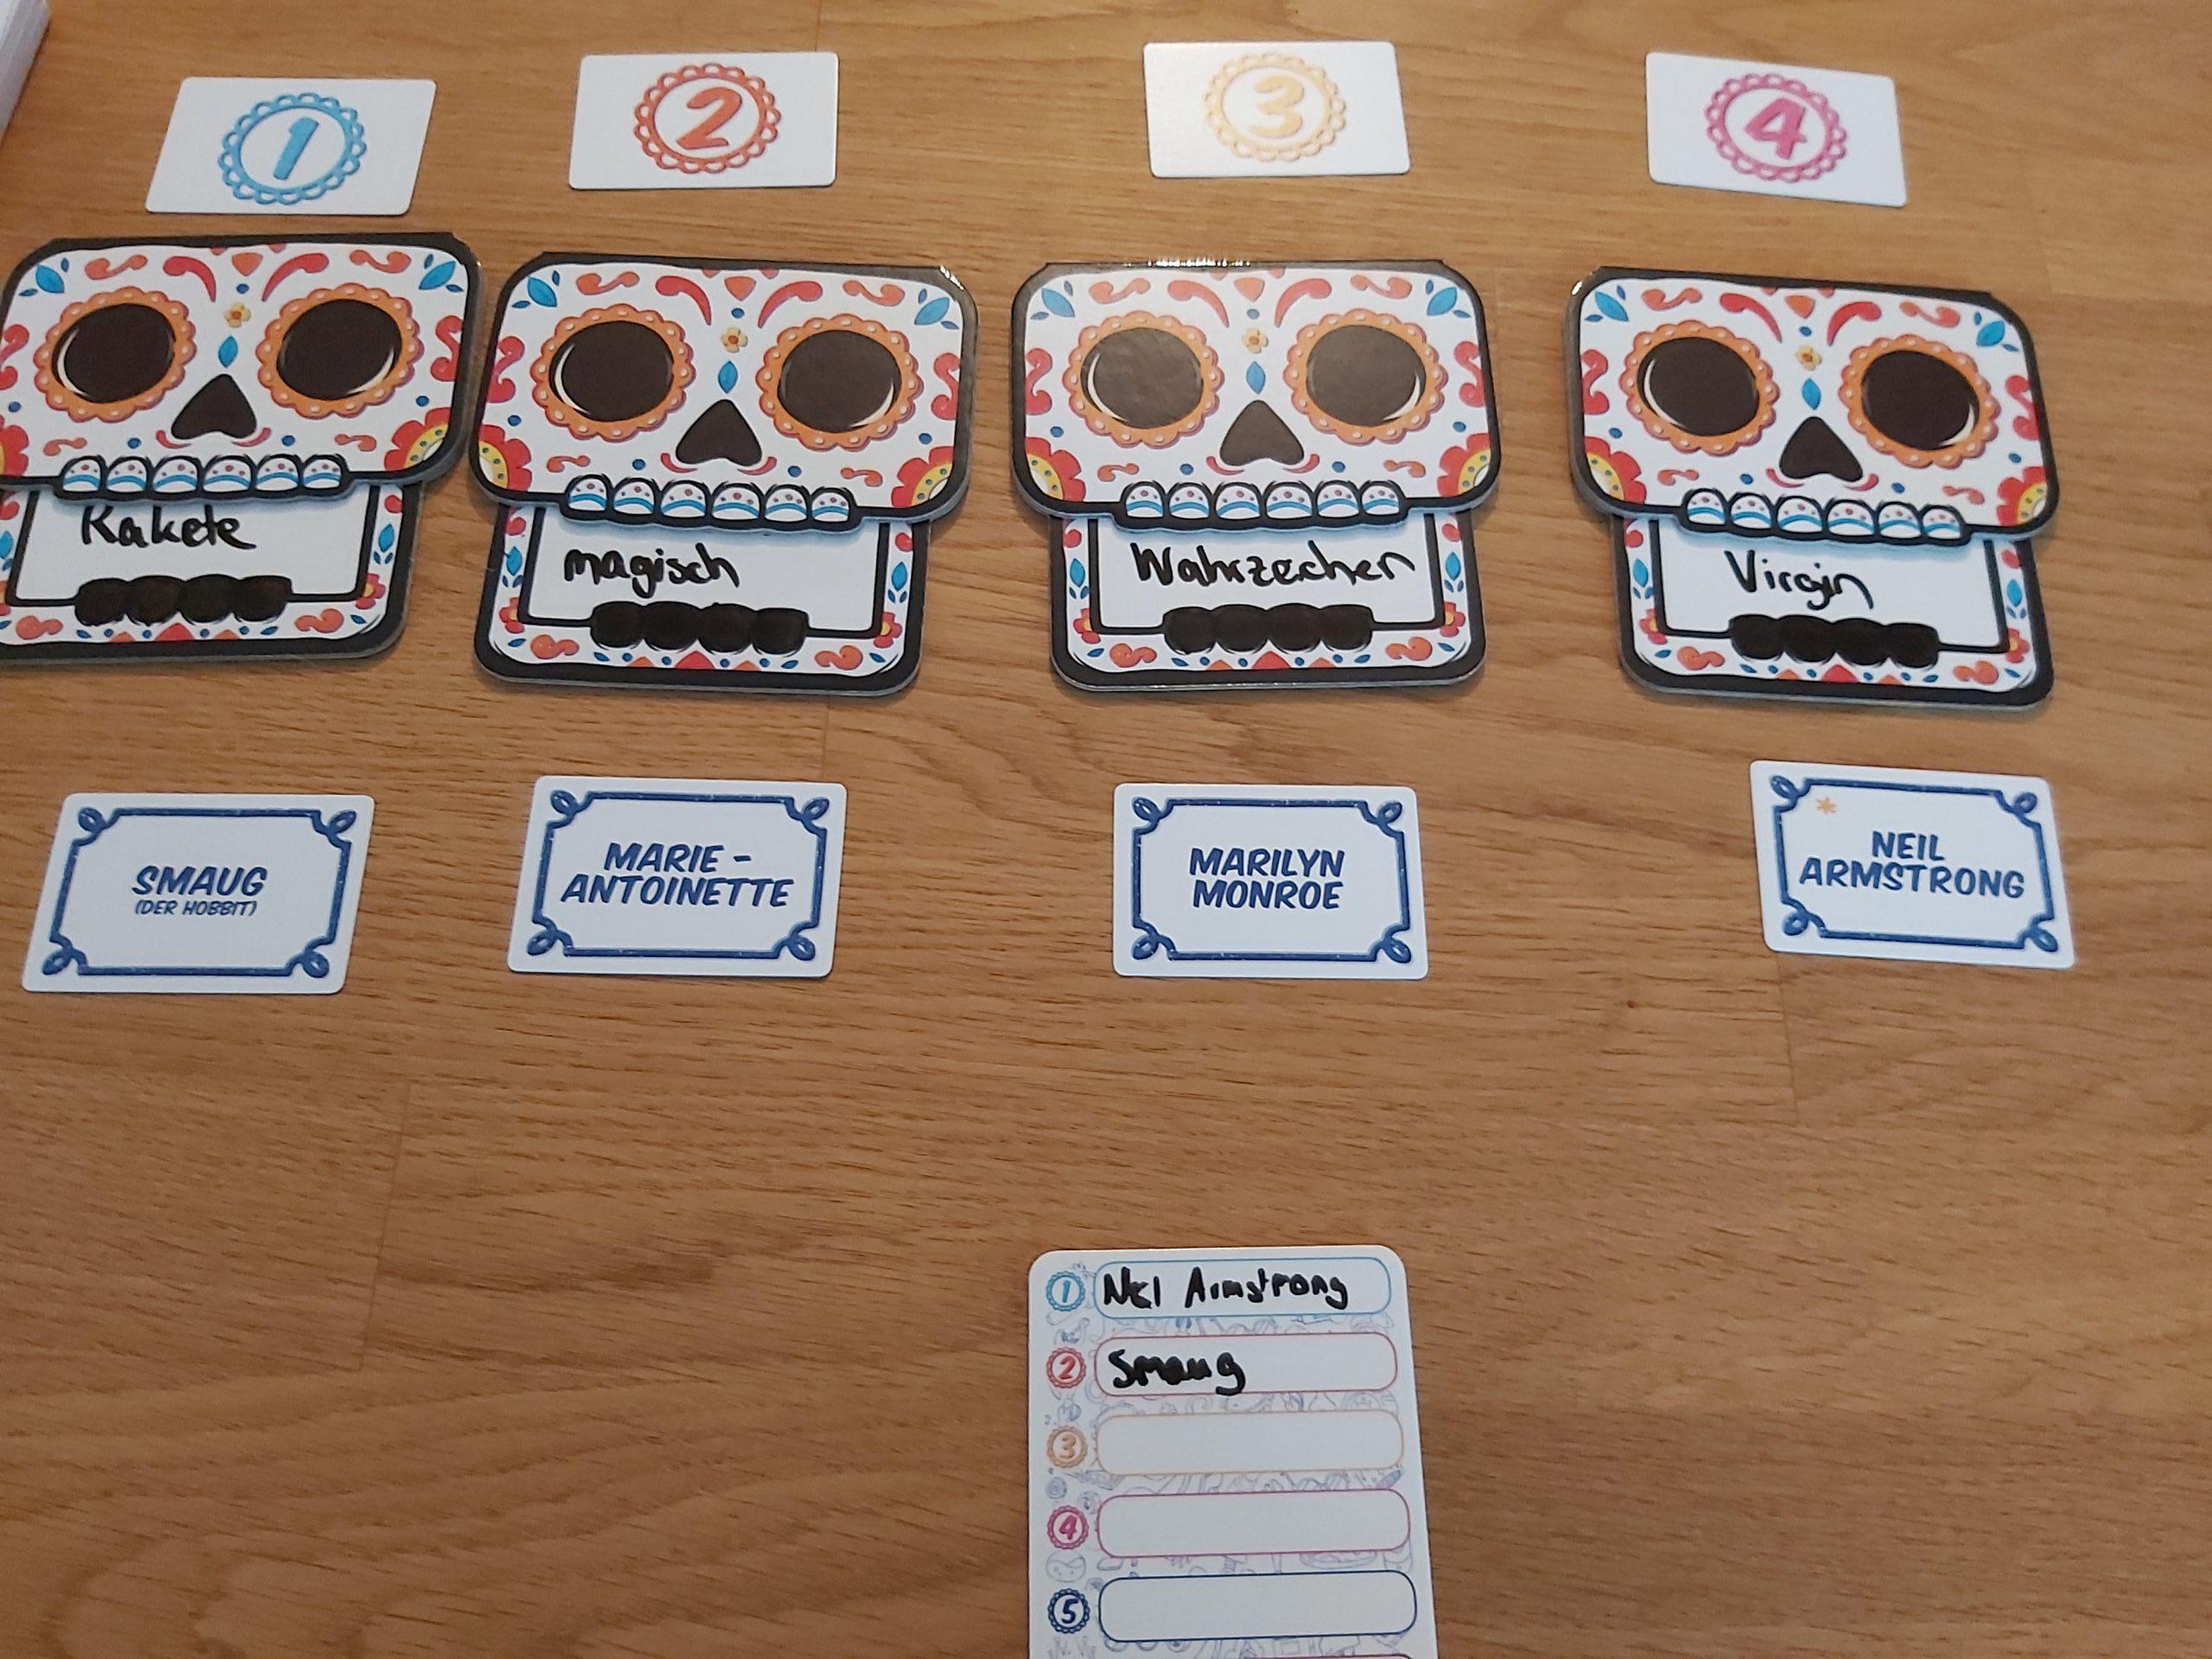 Zu sehen sind alle Totenkopftafeln mit Assoziationen sowie verschiedene Persönlichkeitskarten.